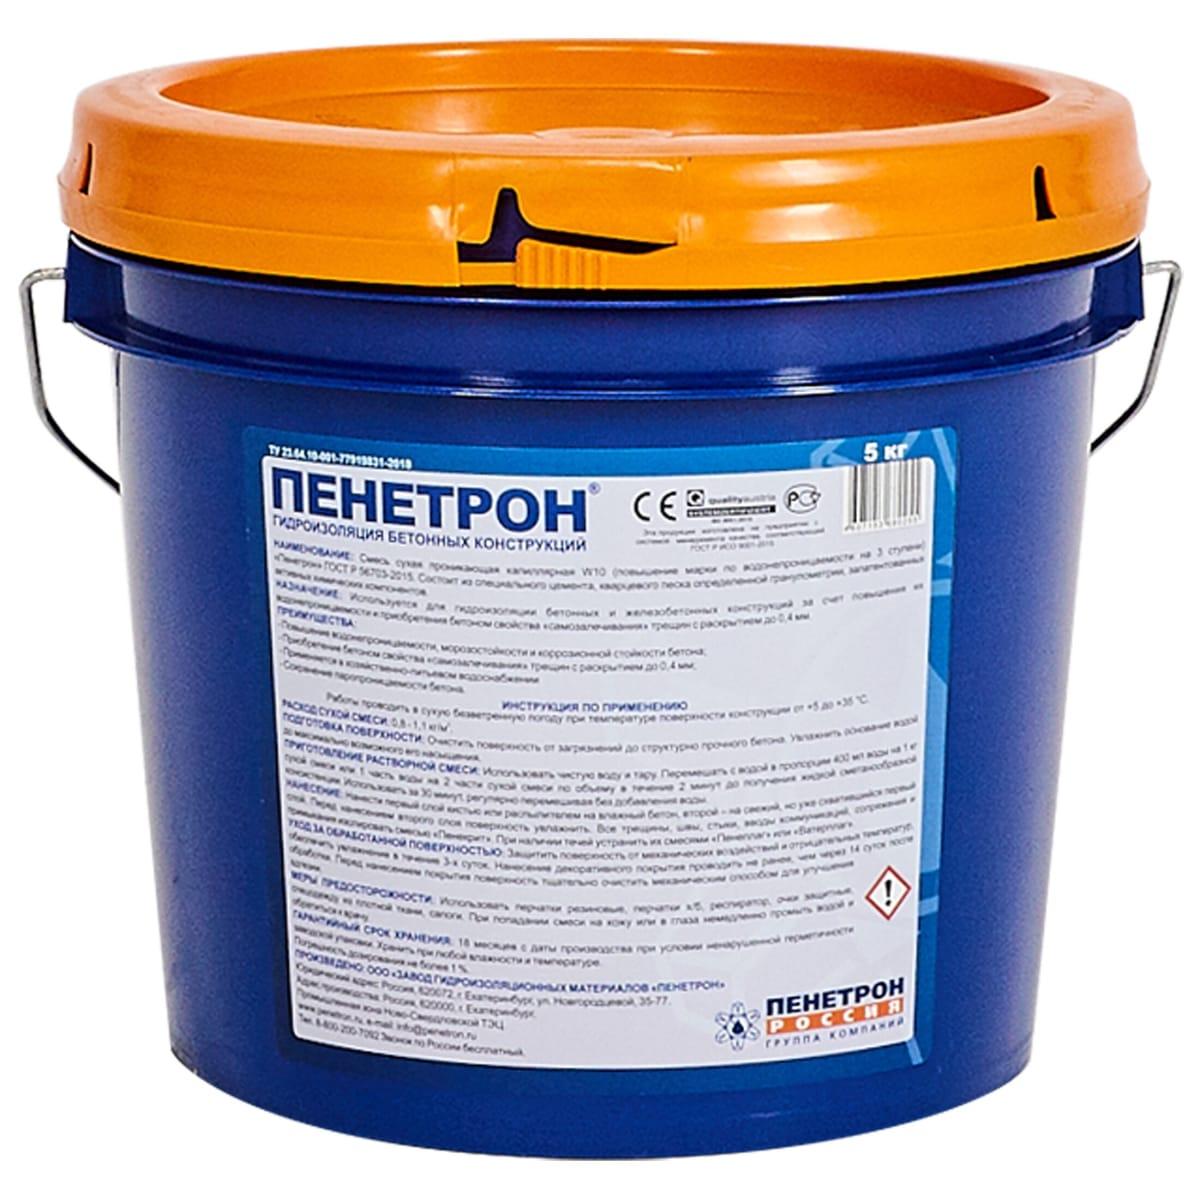 Проникающая гидроизоляция купить в леруа мерлен цена для бетона бетон класс марка